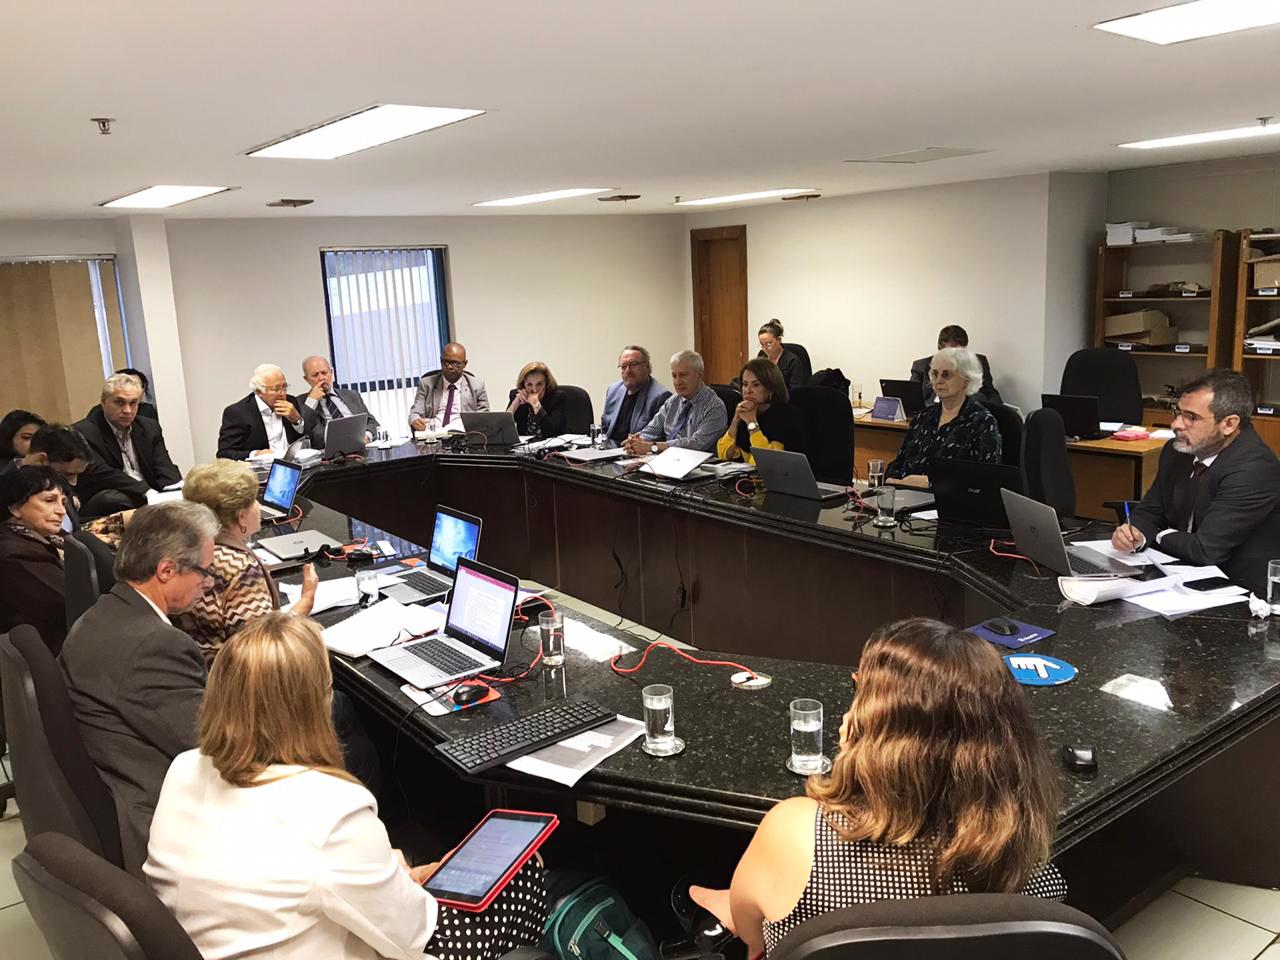 Undime e Consed apresentam ao CNE proposta de referencial para formação docente